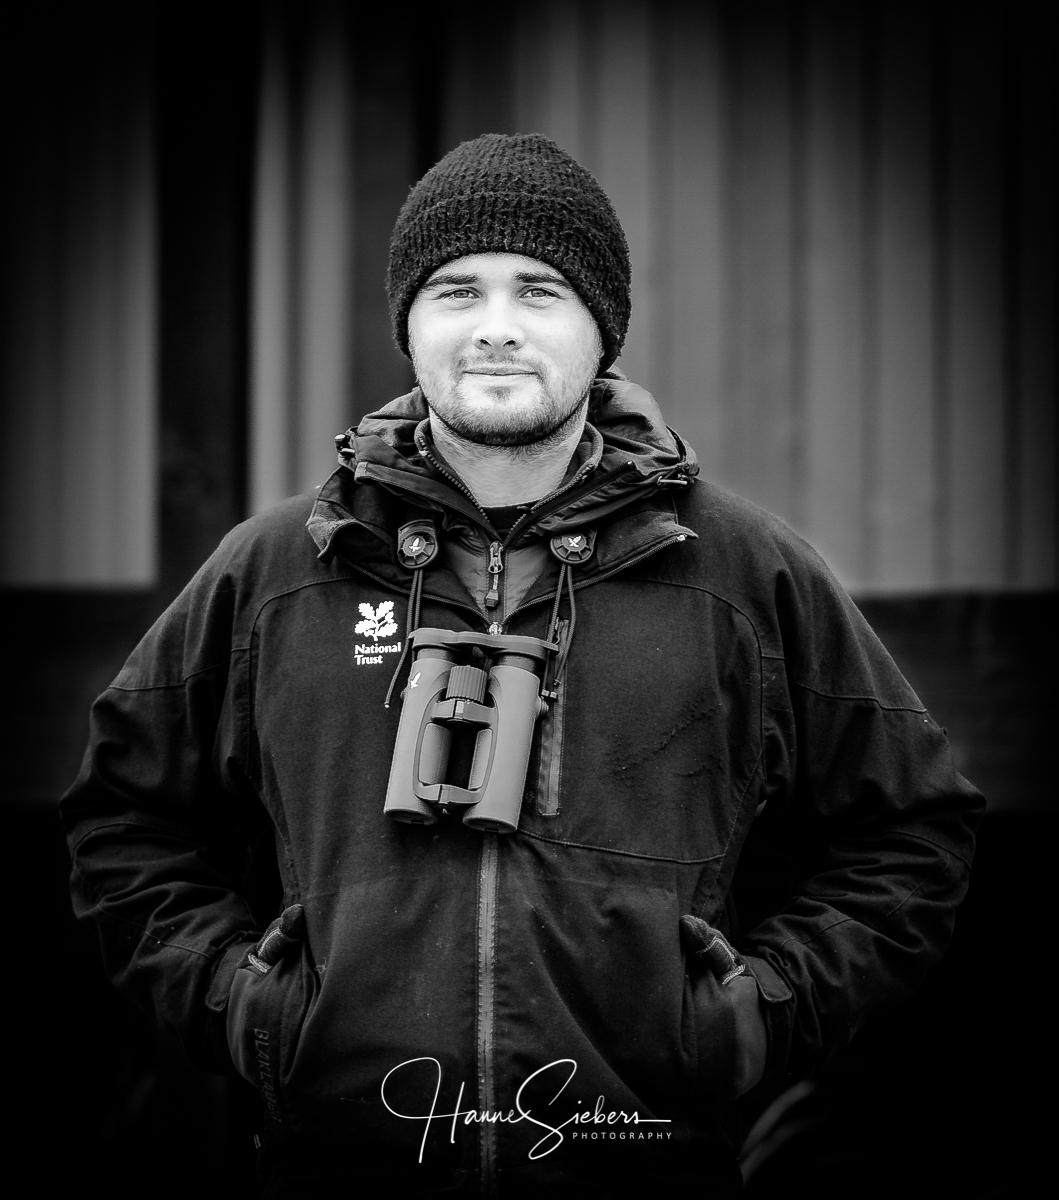 Ranger Leighton Newman